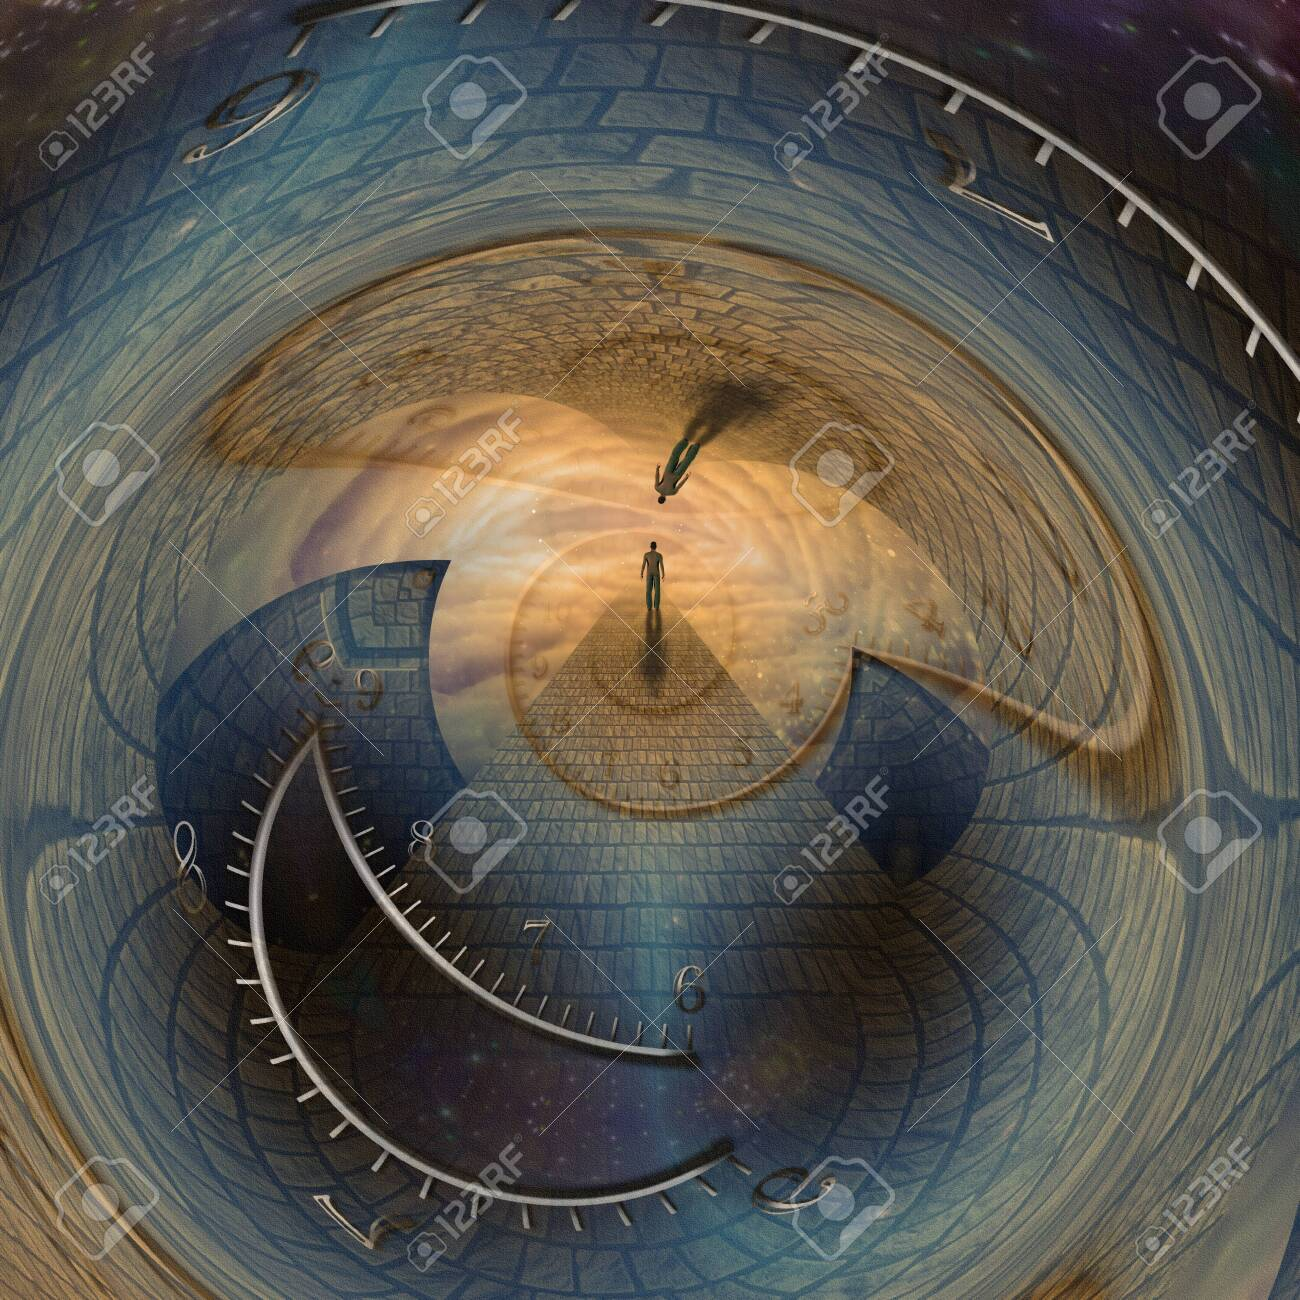 Man journeys through doorway of time - 124535930